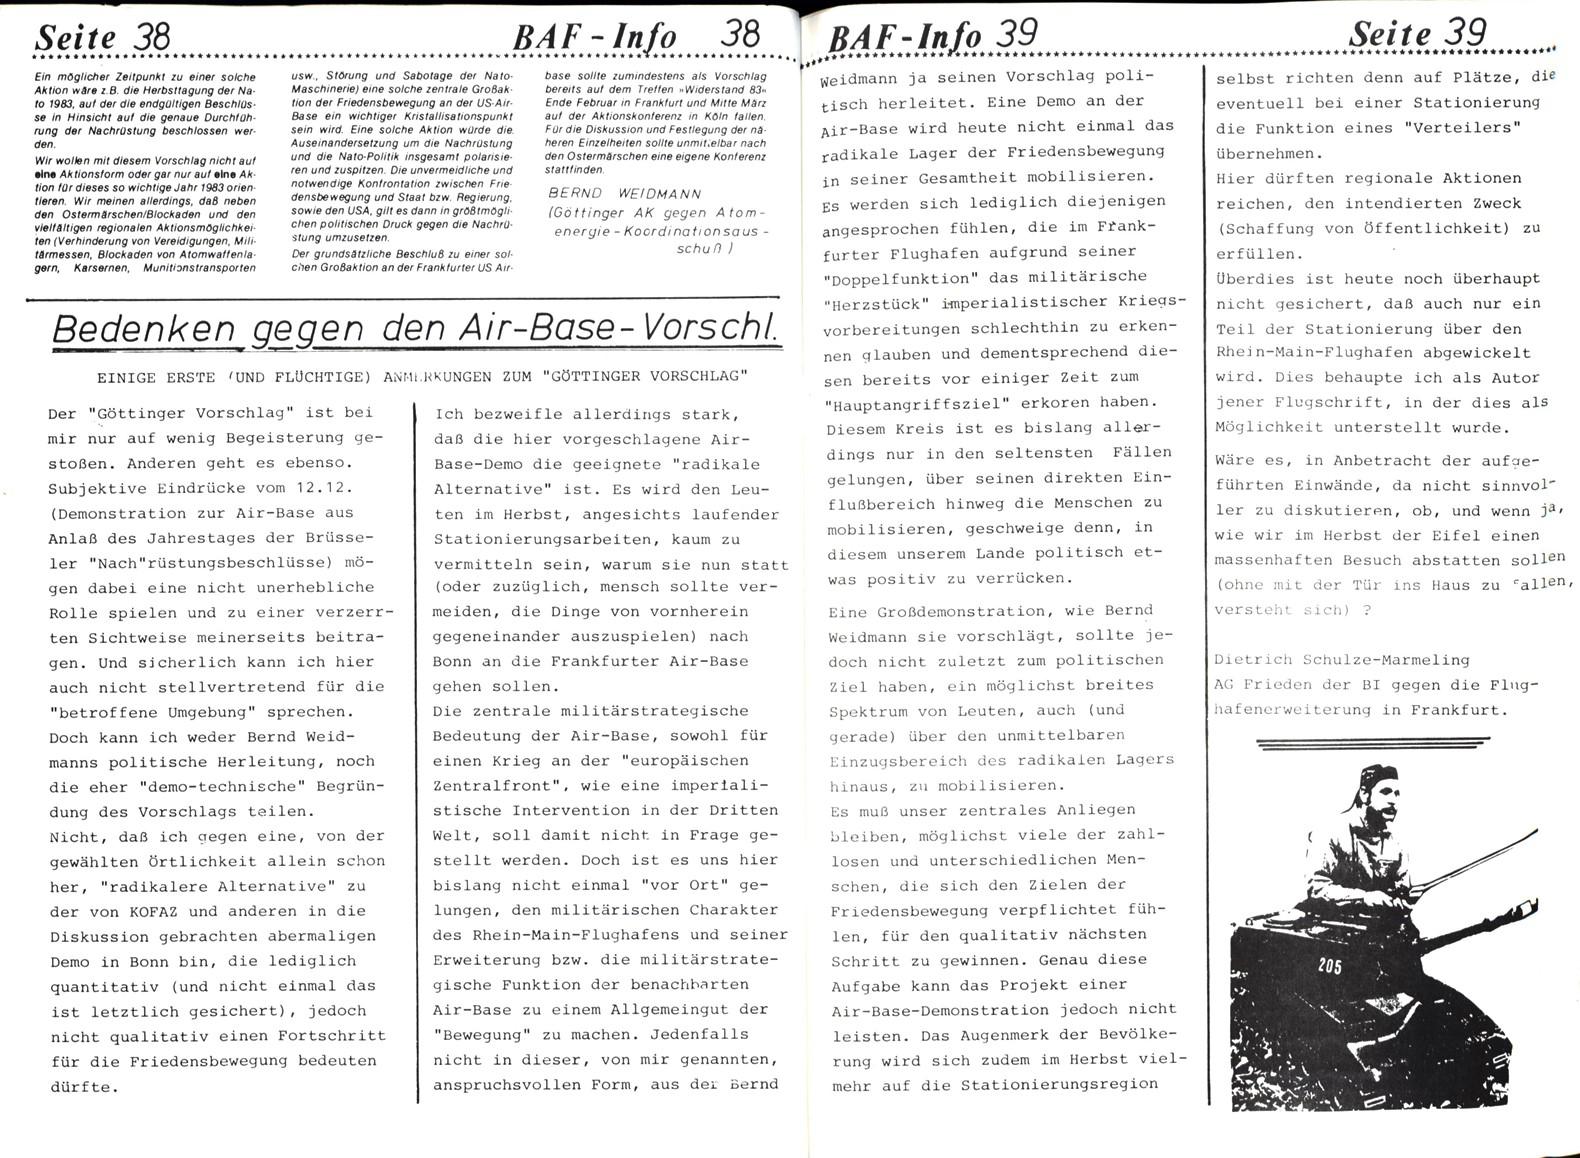 BAF_Info_02_19830100_20